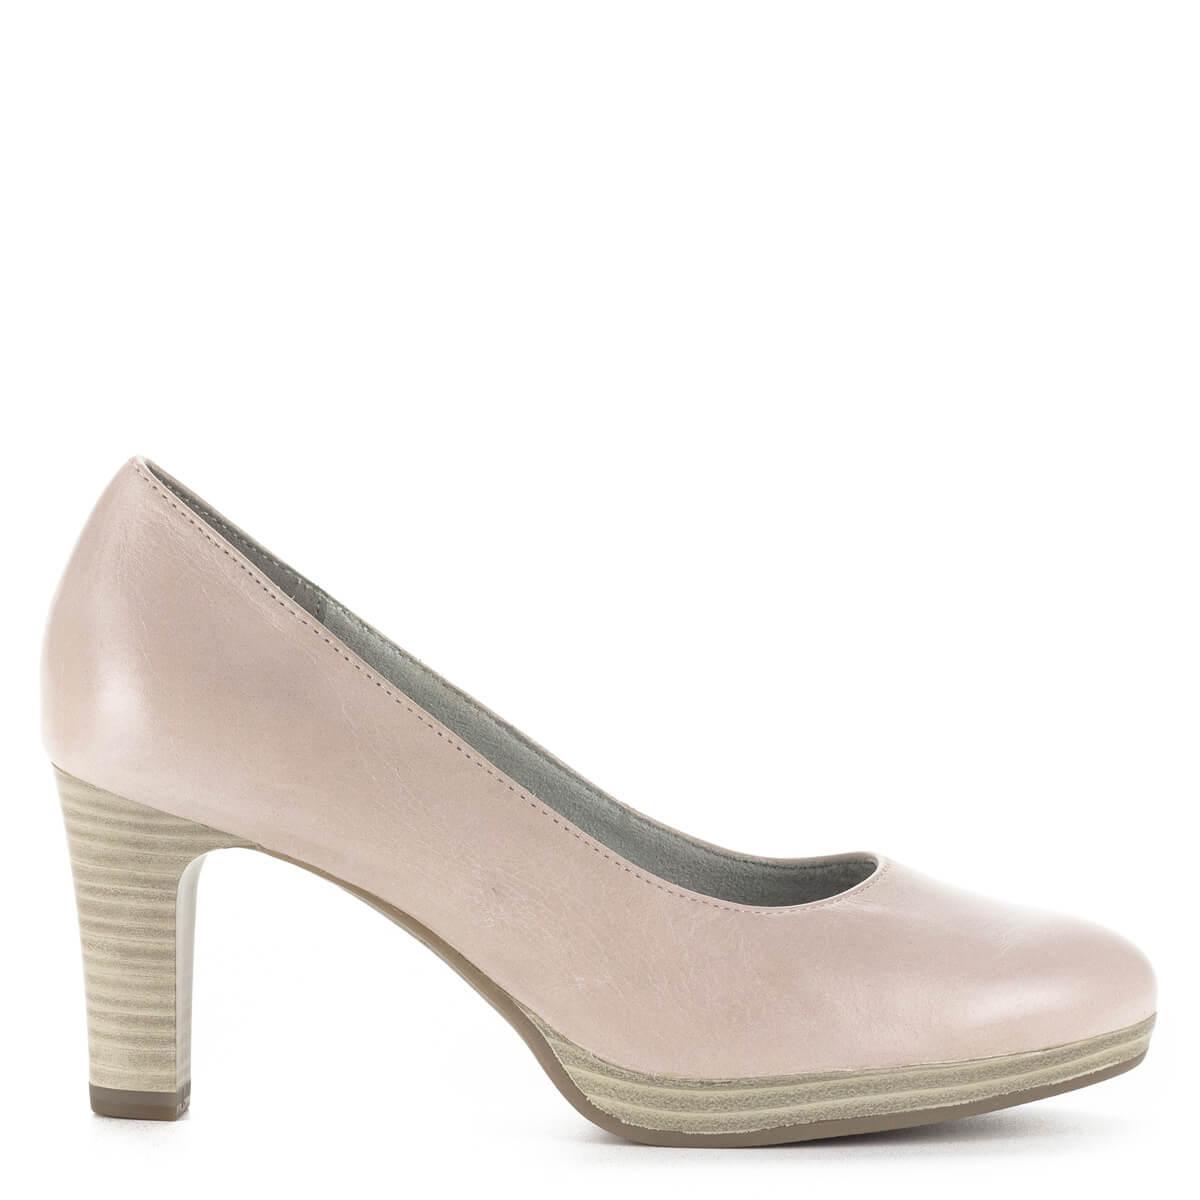 81329d4d23 A; Tamaris platformos magassarkú cipő 7,5 cm-es sarokkal, rózsaszín  színben. A